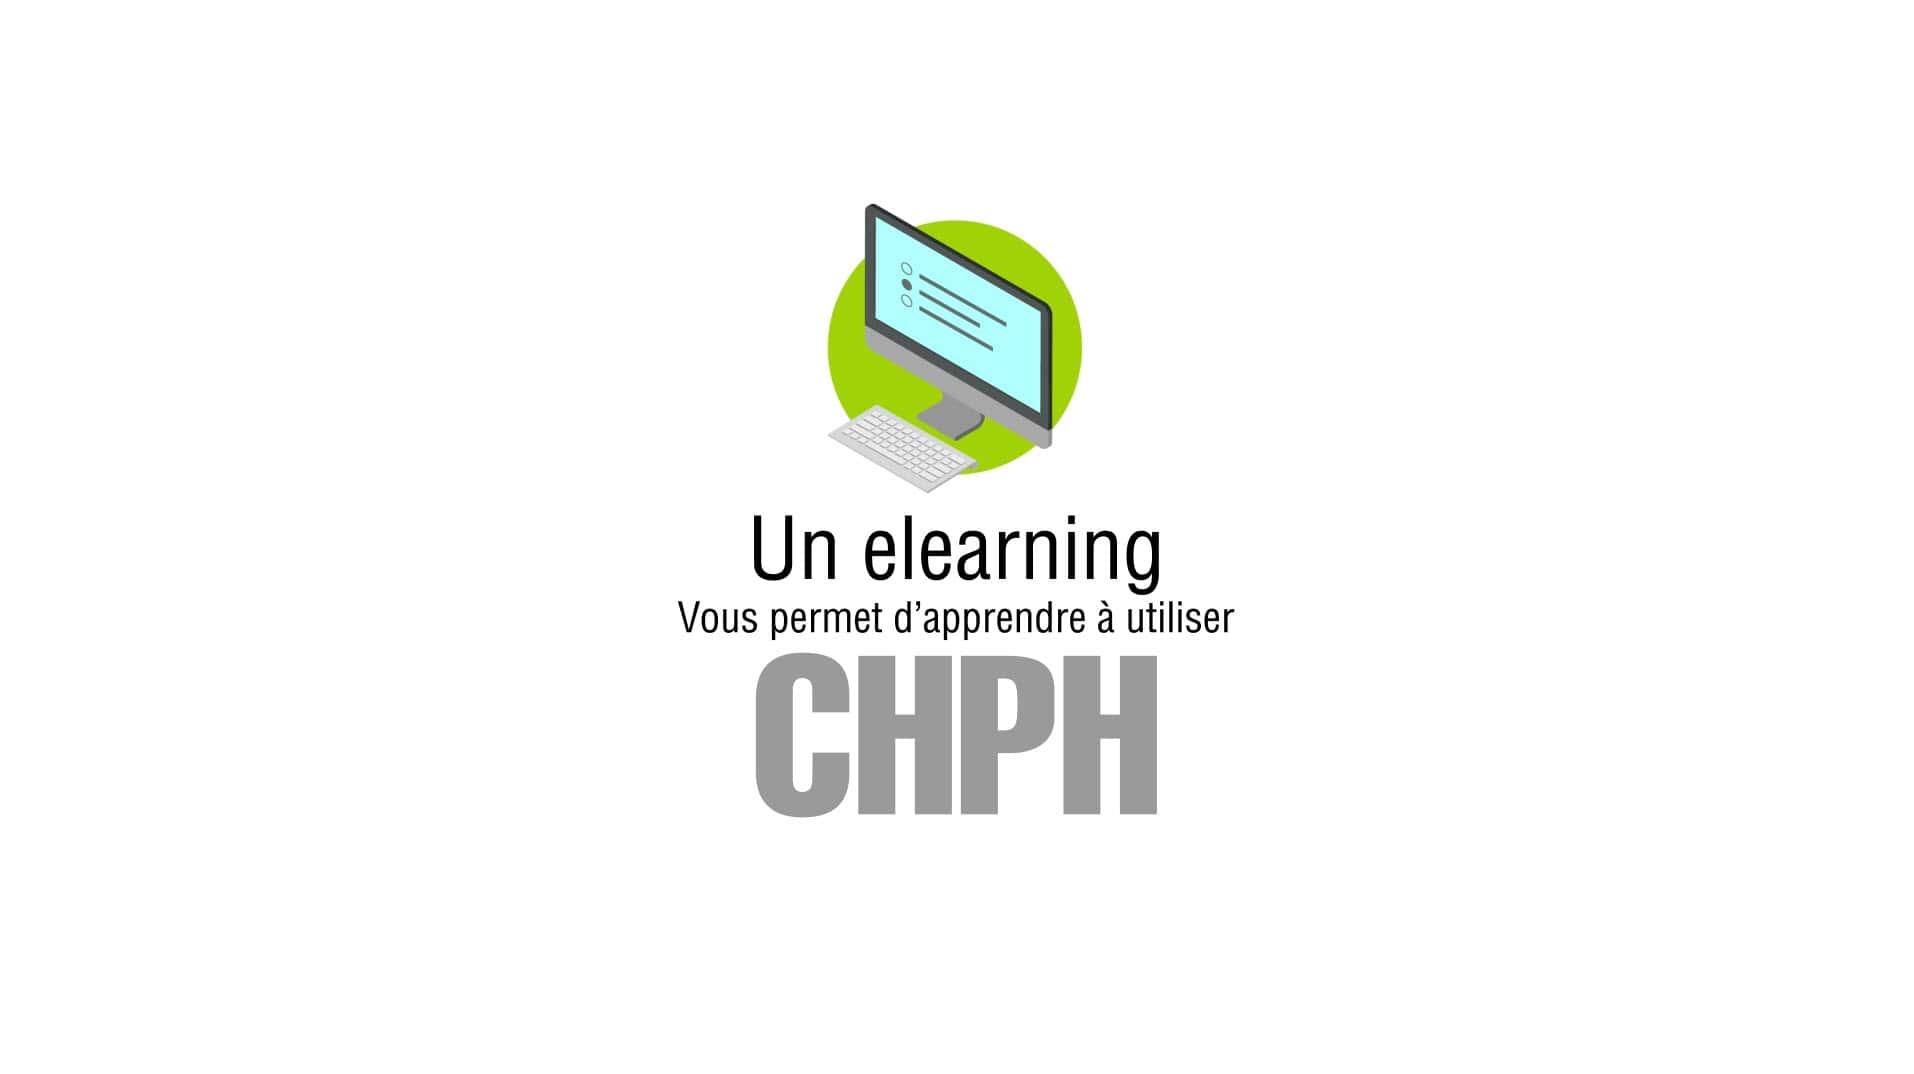 CHPH_06